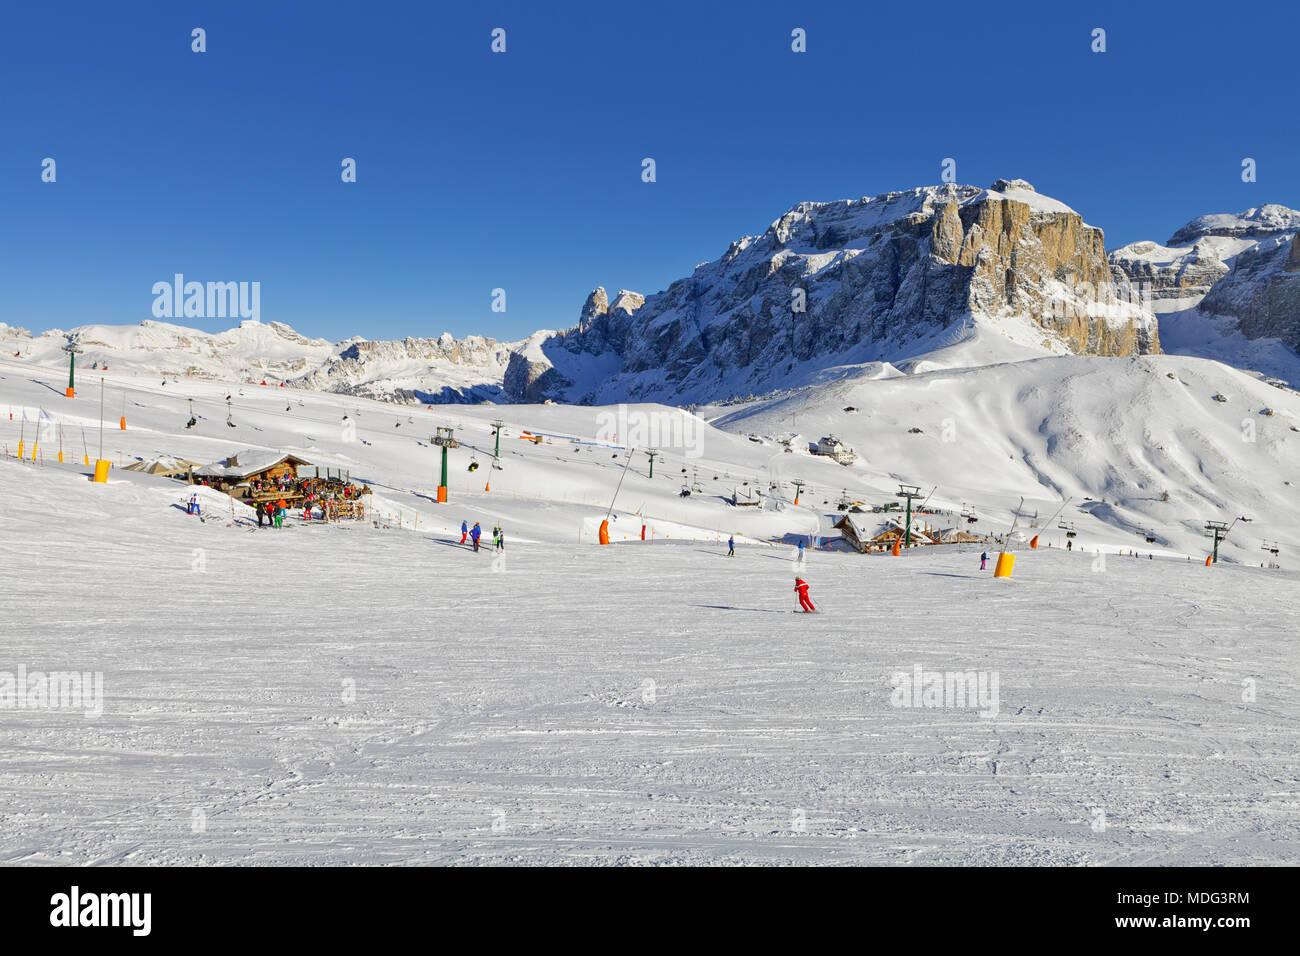 Italian Dolomites in Winter from Val di Fassa Ski Area, Trentino-Alto-Adige region, Italy Stock Photo